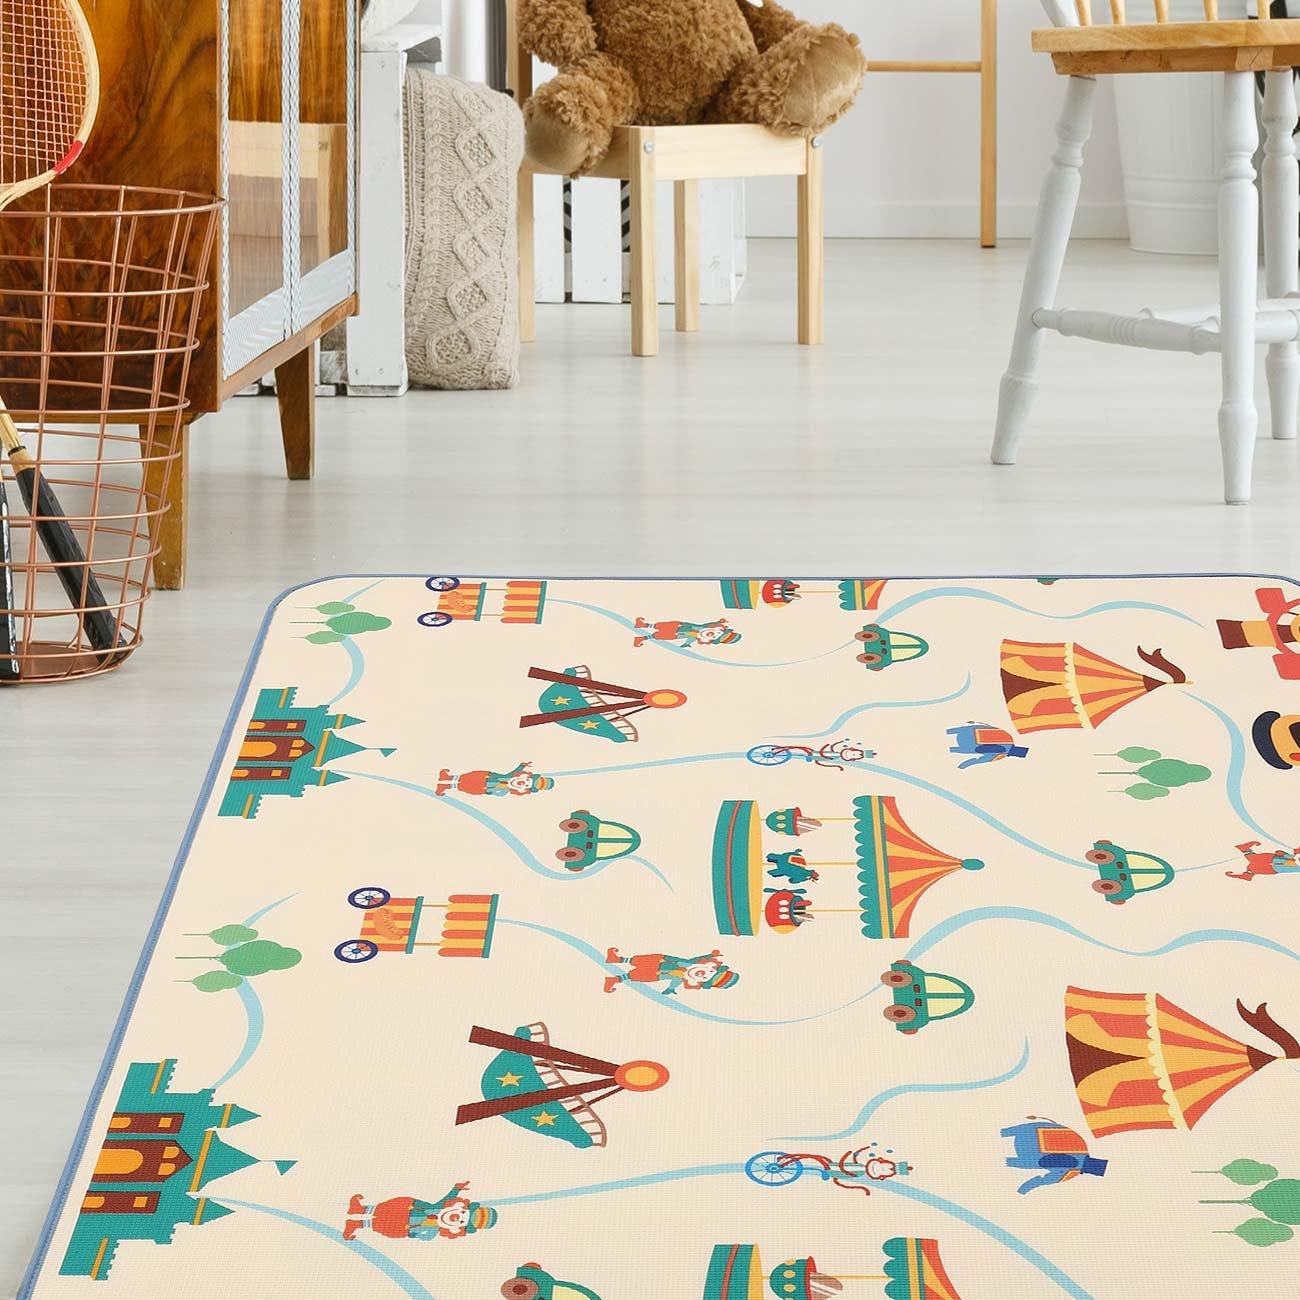 Baby Vivo Premium Spielteppich Circus 1 cm dicker Kinderteppich XXL 200 x 150 cm Krabbeldecke Kinderspielteppich Spielmatte Playmat Spieleteppich Erlebnisdecke Krabbelmatte Spieldecke